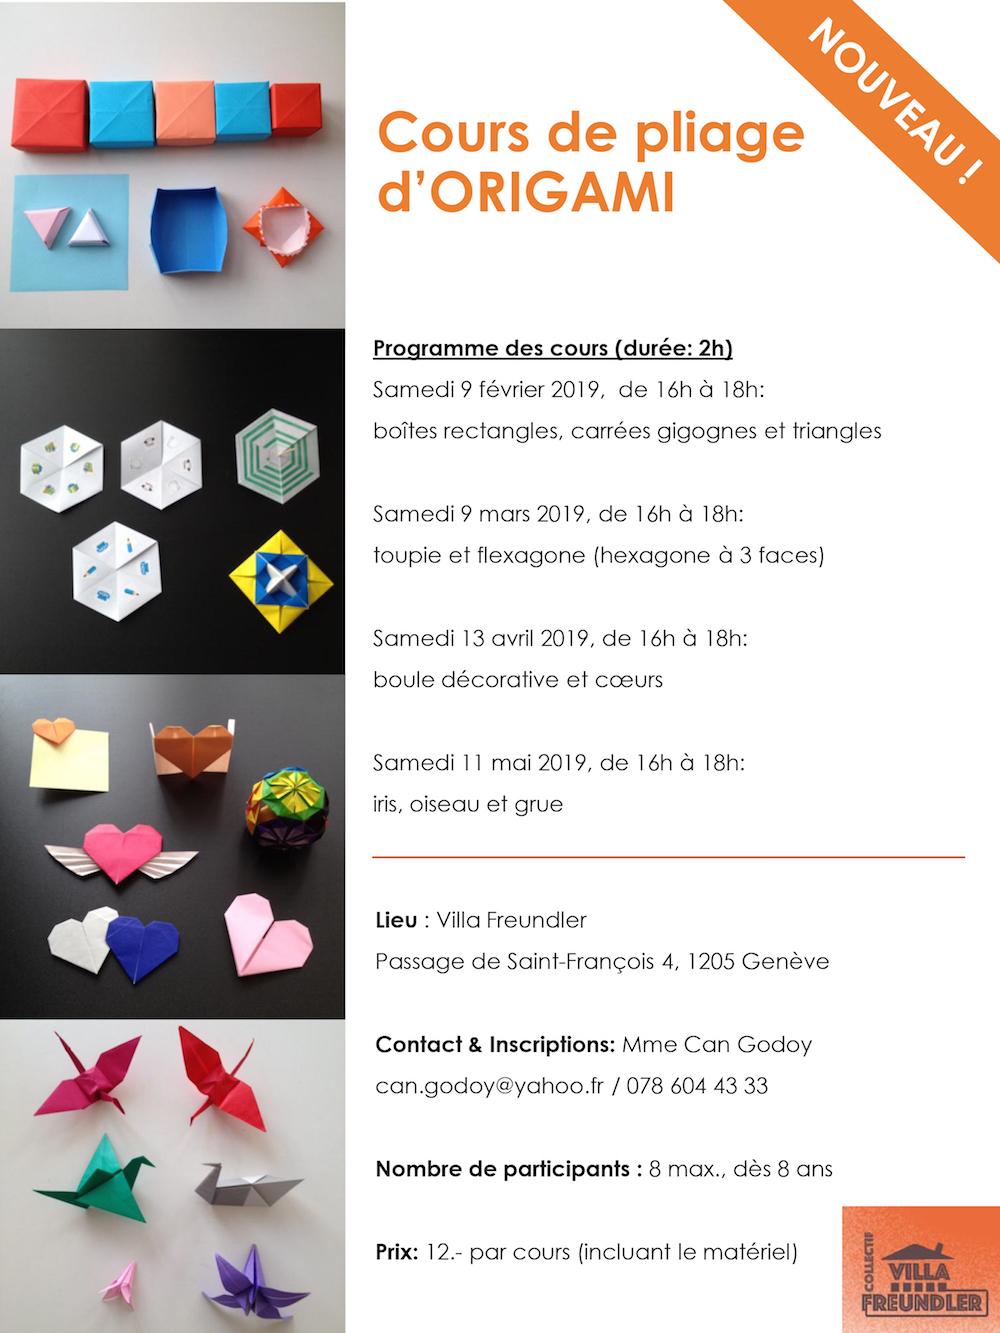 Cours de pliage d'origamis